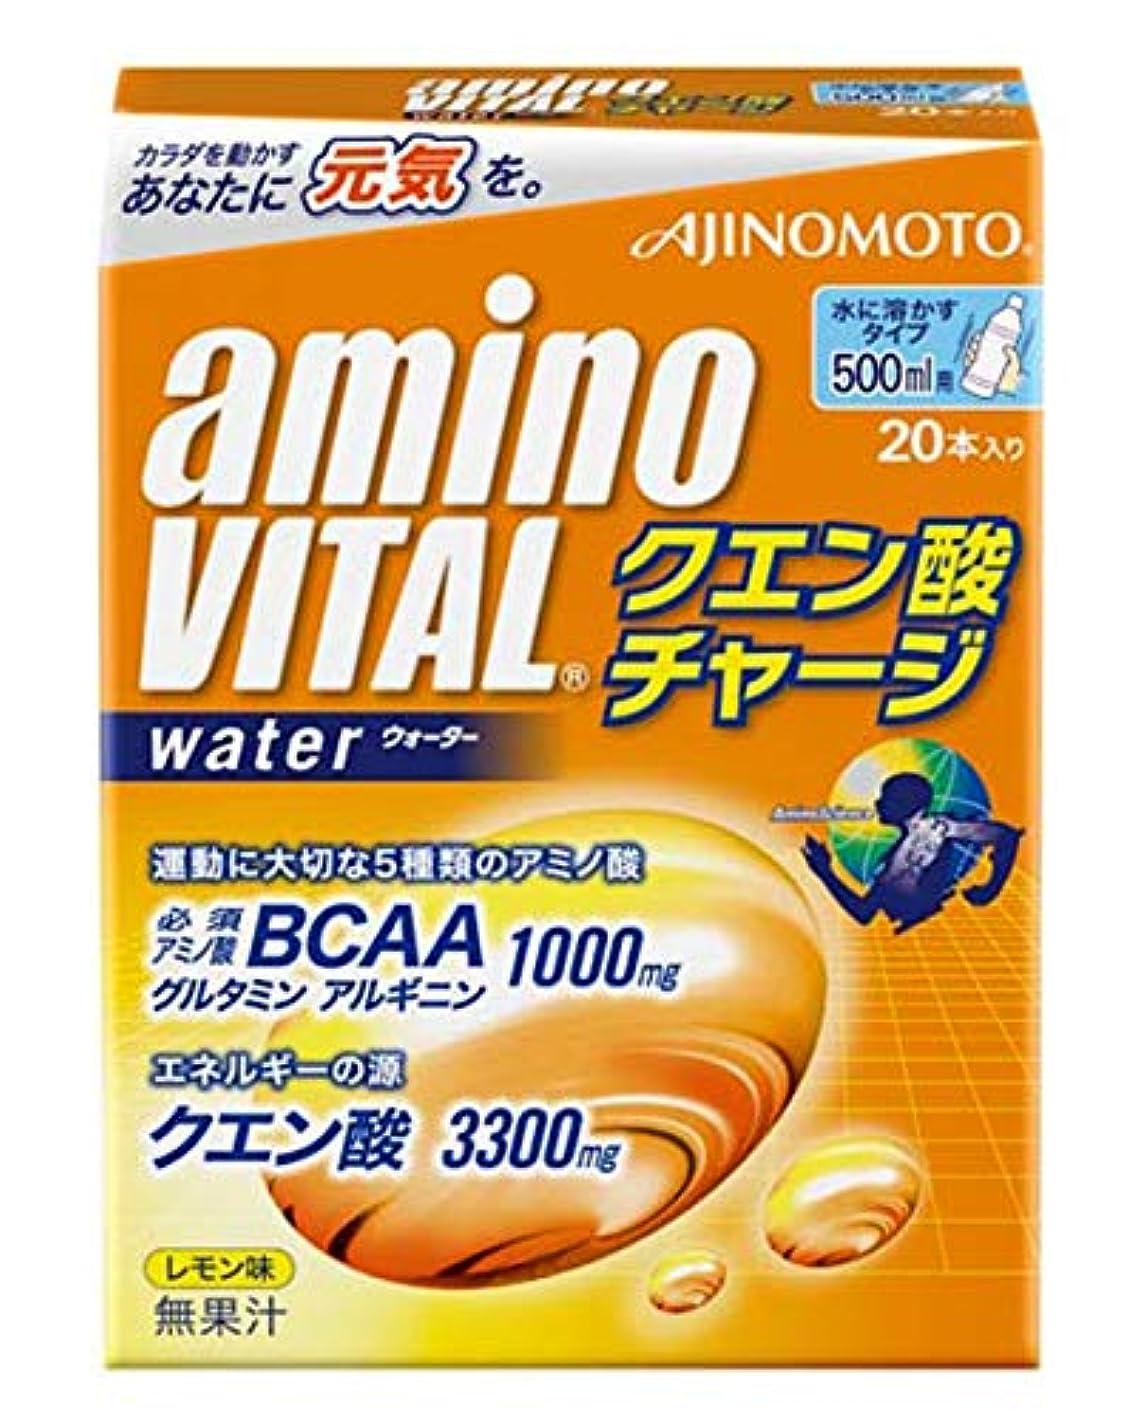 病的影響力のある鳴り響くアミノバイタル クエン酸チャージウォーター20本入箱